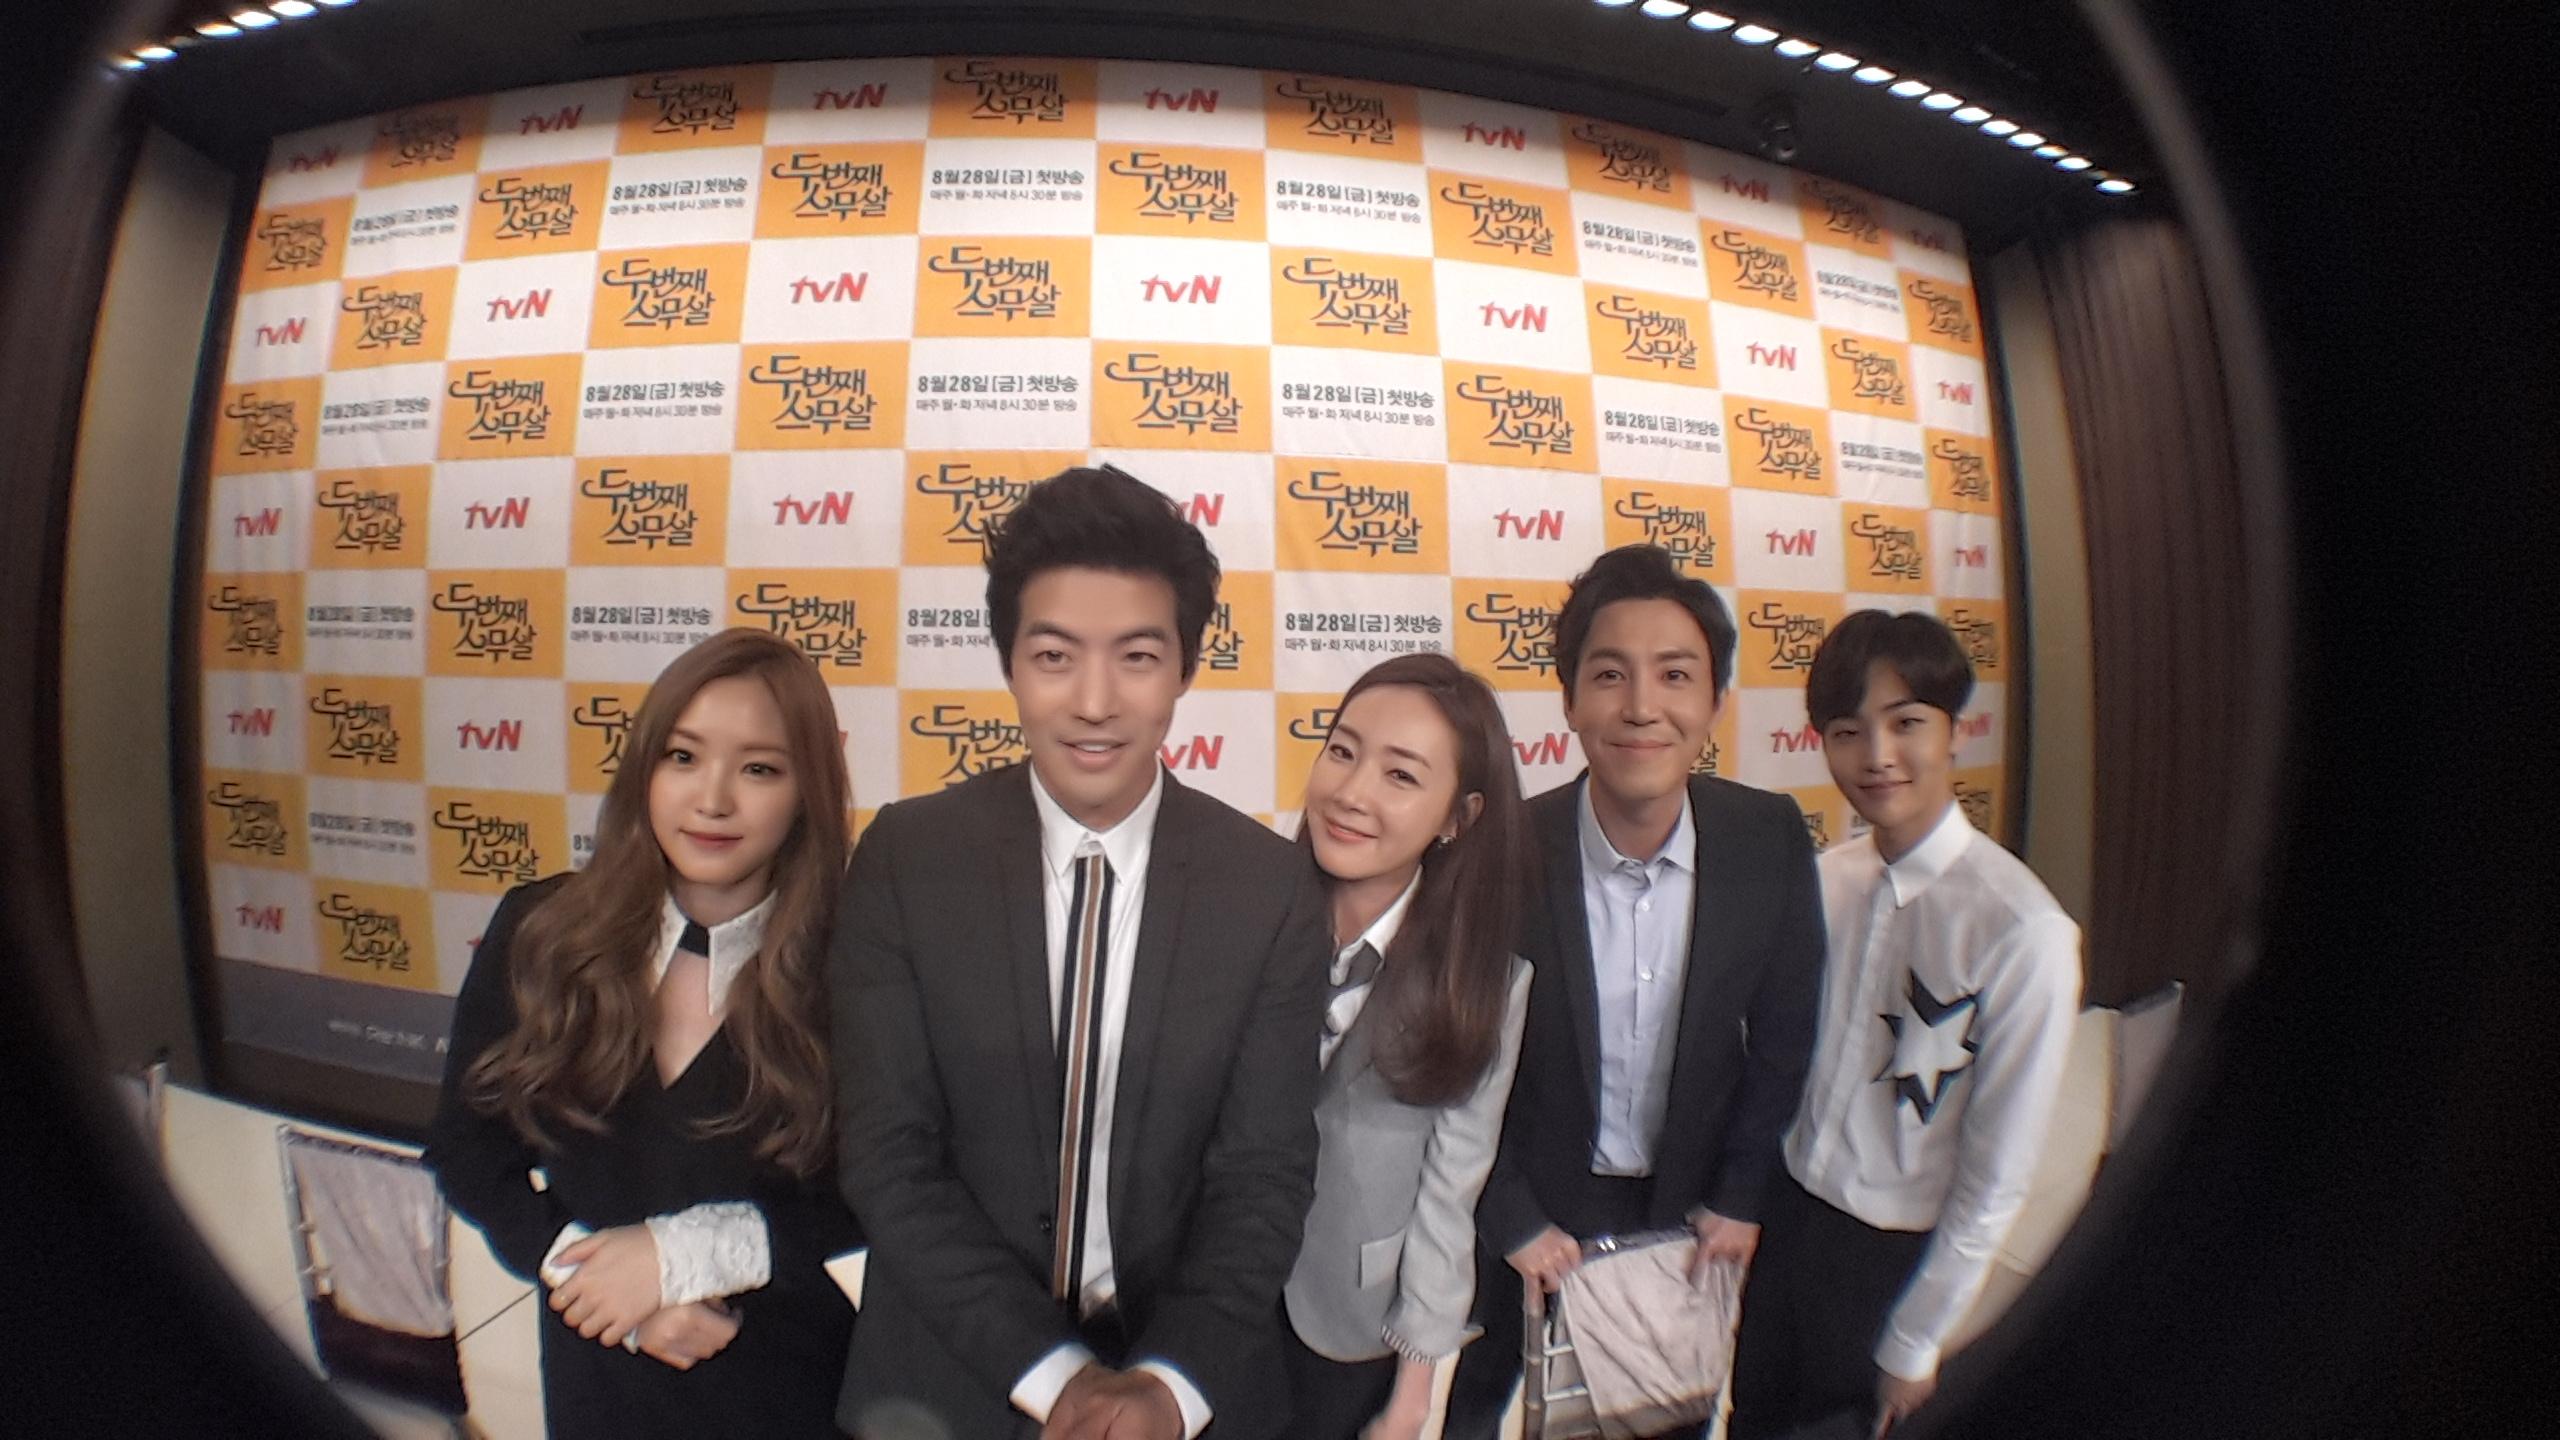 大家還記得~今年年初Piki小編有介紹過tvN在2015年播出的戲劇,和今年播出的接檔韓劇劇情介紹嗎?